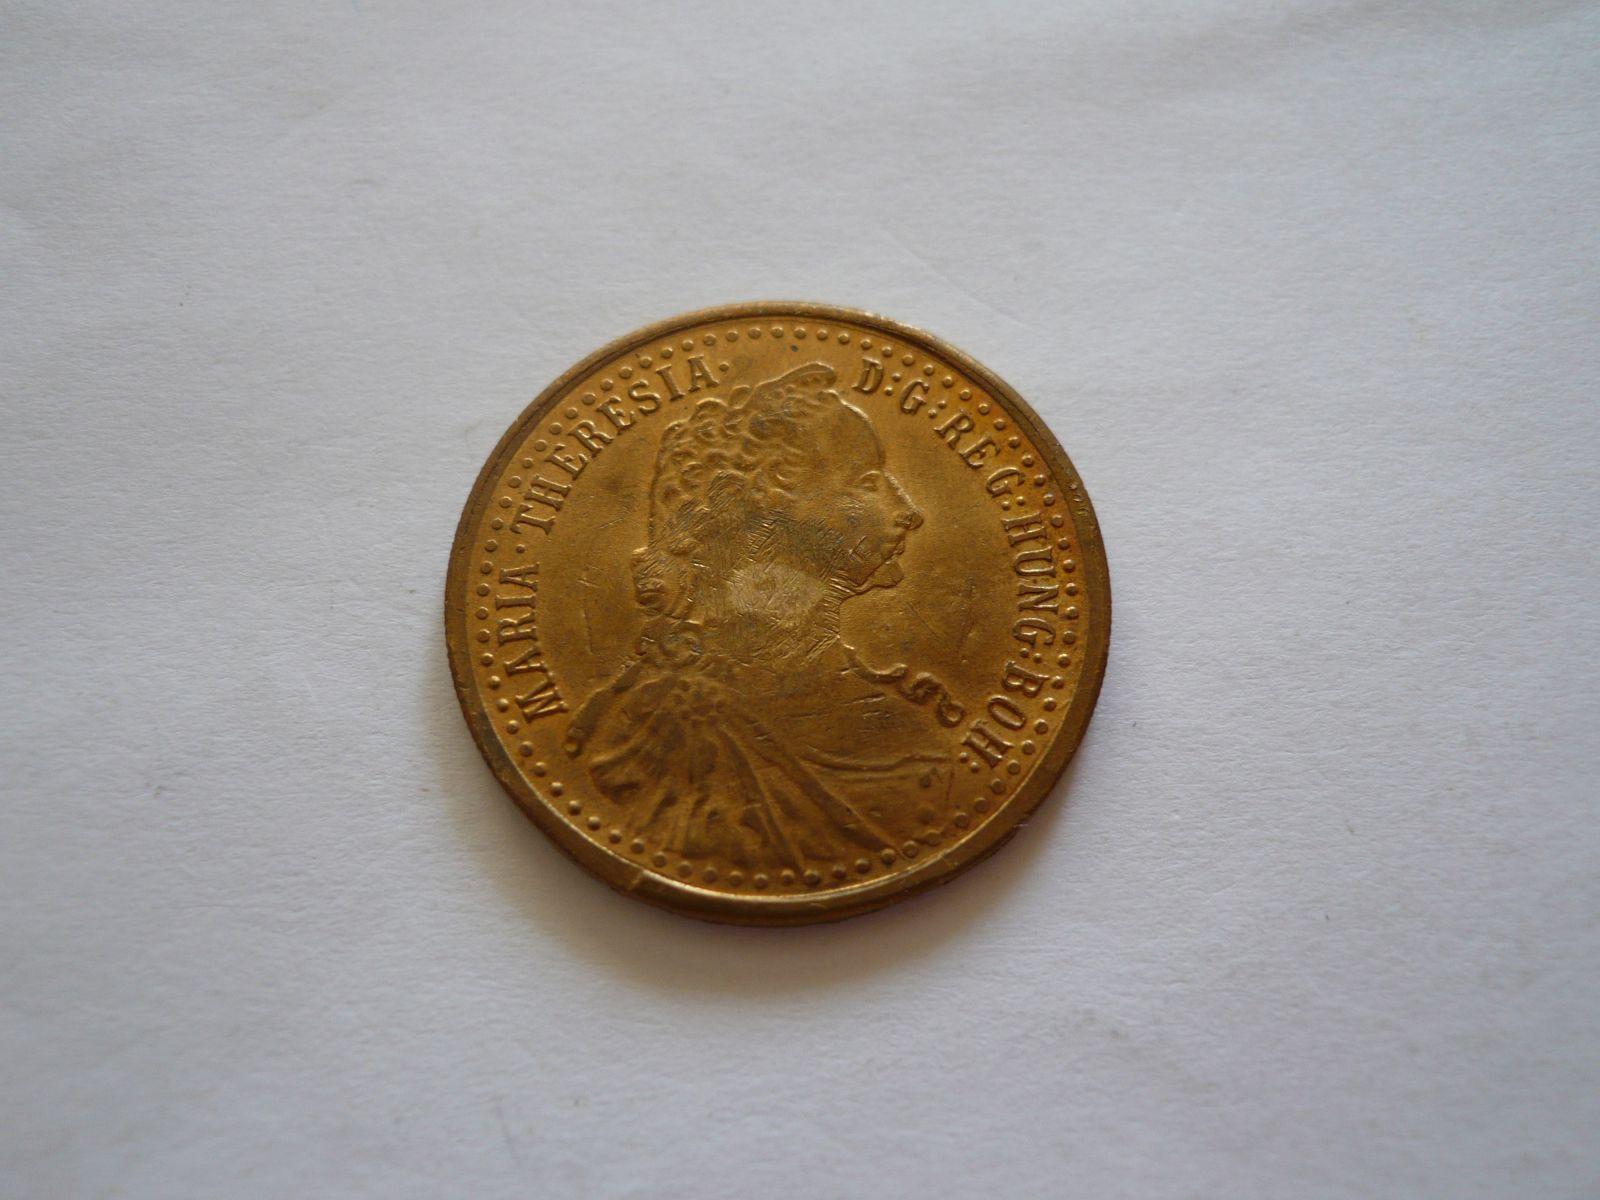 dukátová medaile Marie Terezie, Rakousko